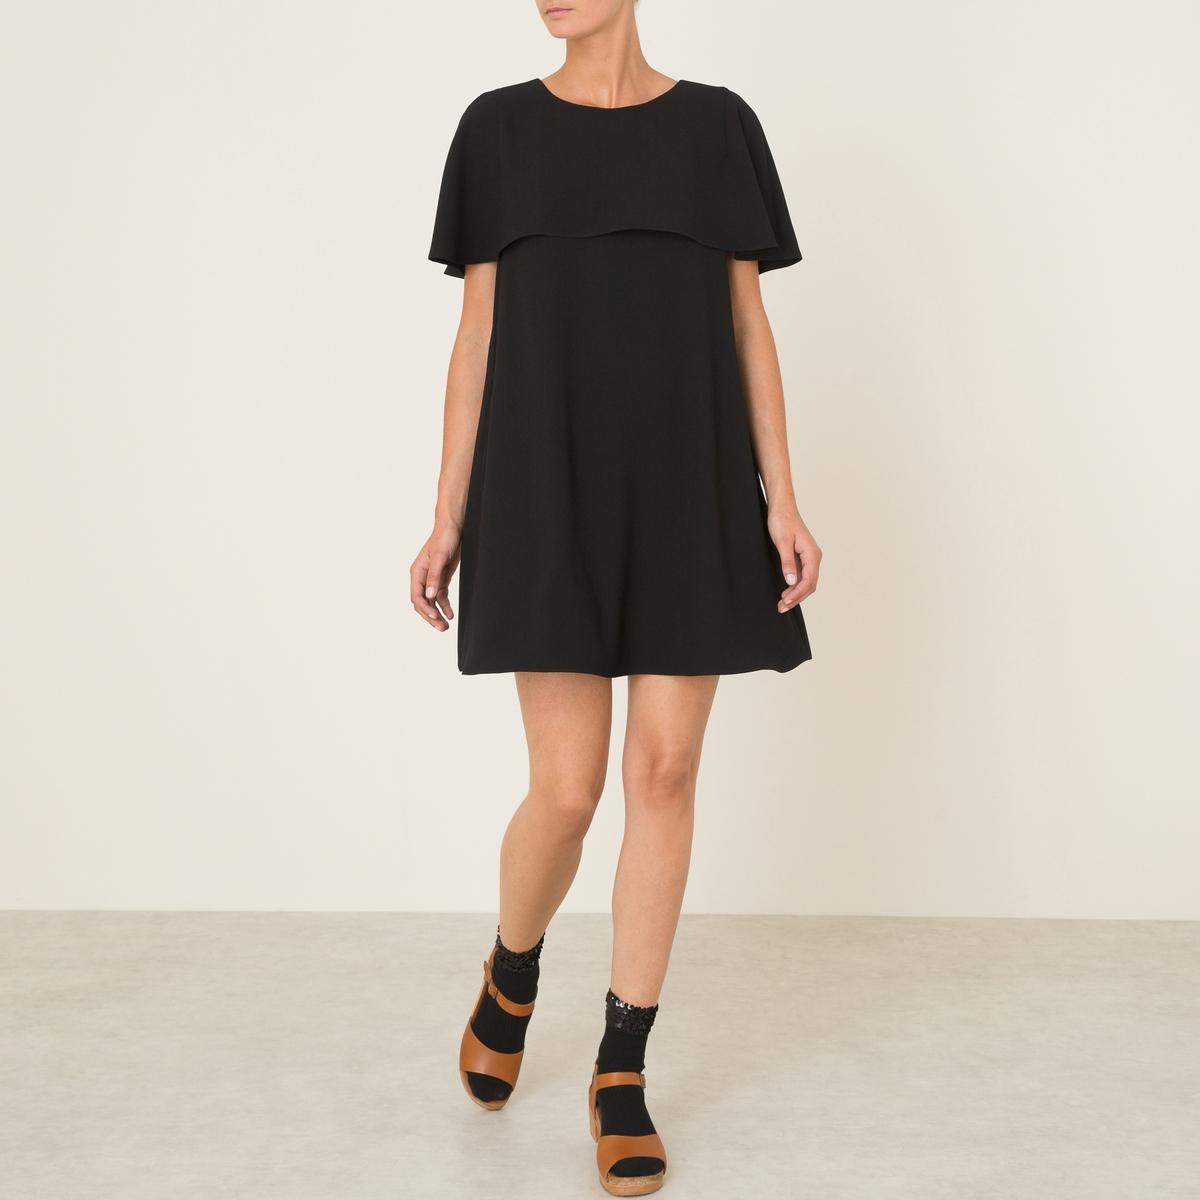 Платье FRIDAСостав и описание :Материал : 100% полиэстерМарка : ATHE VANESSA BRUNO<br><br>Цвет: черный